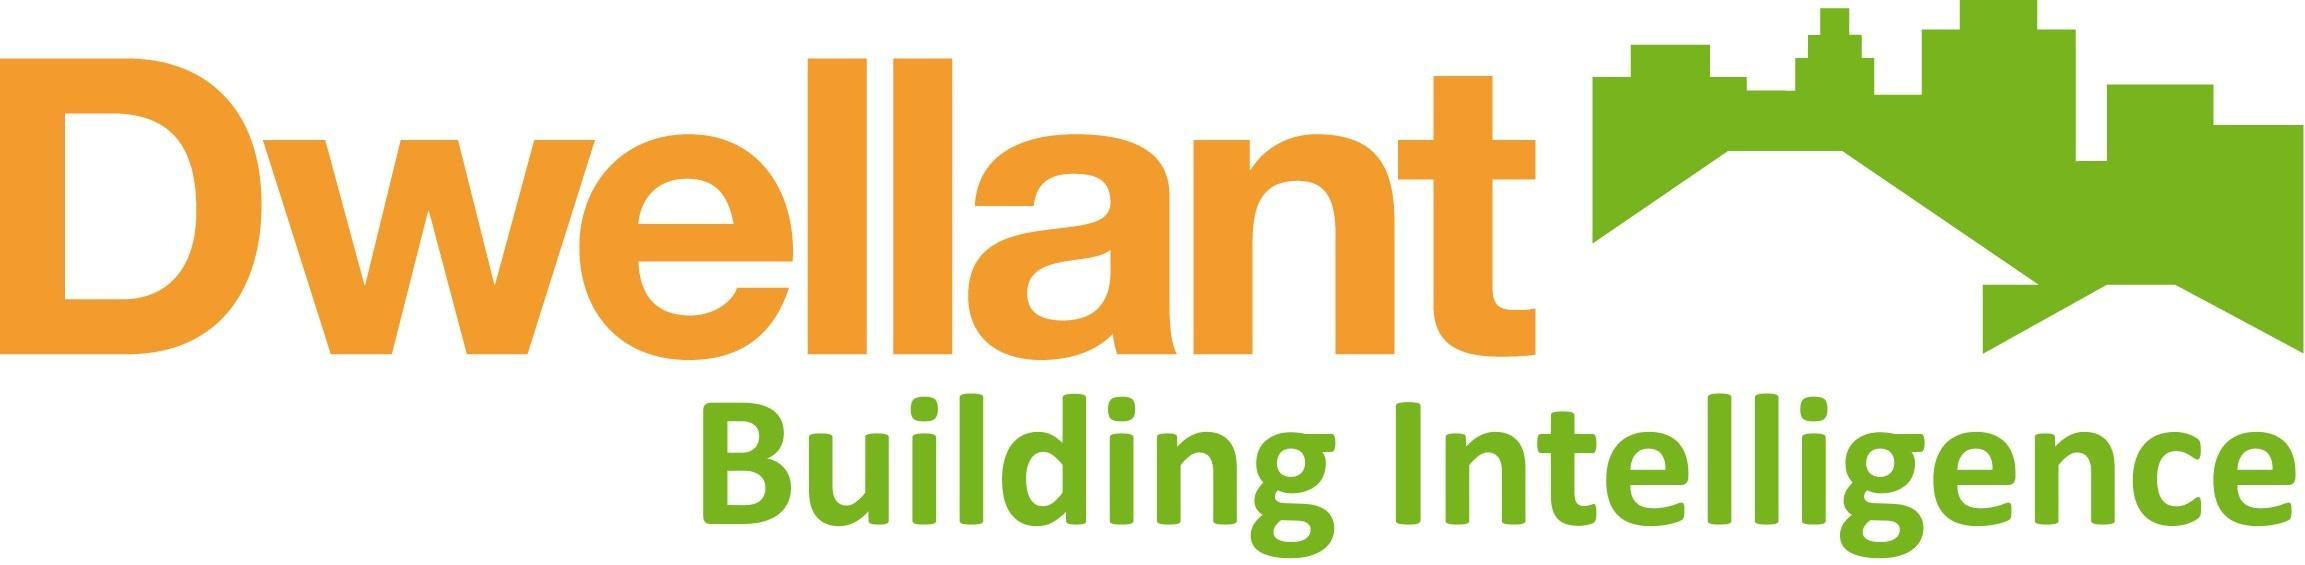 Dwellant logo.jpeg